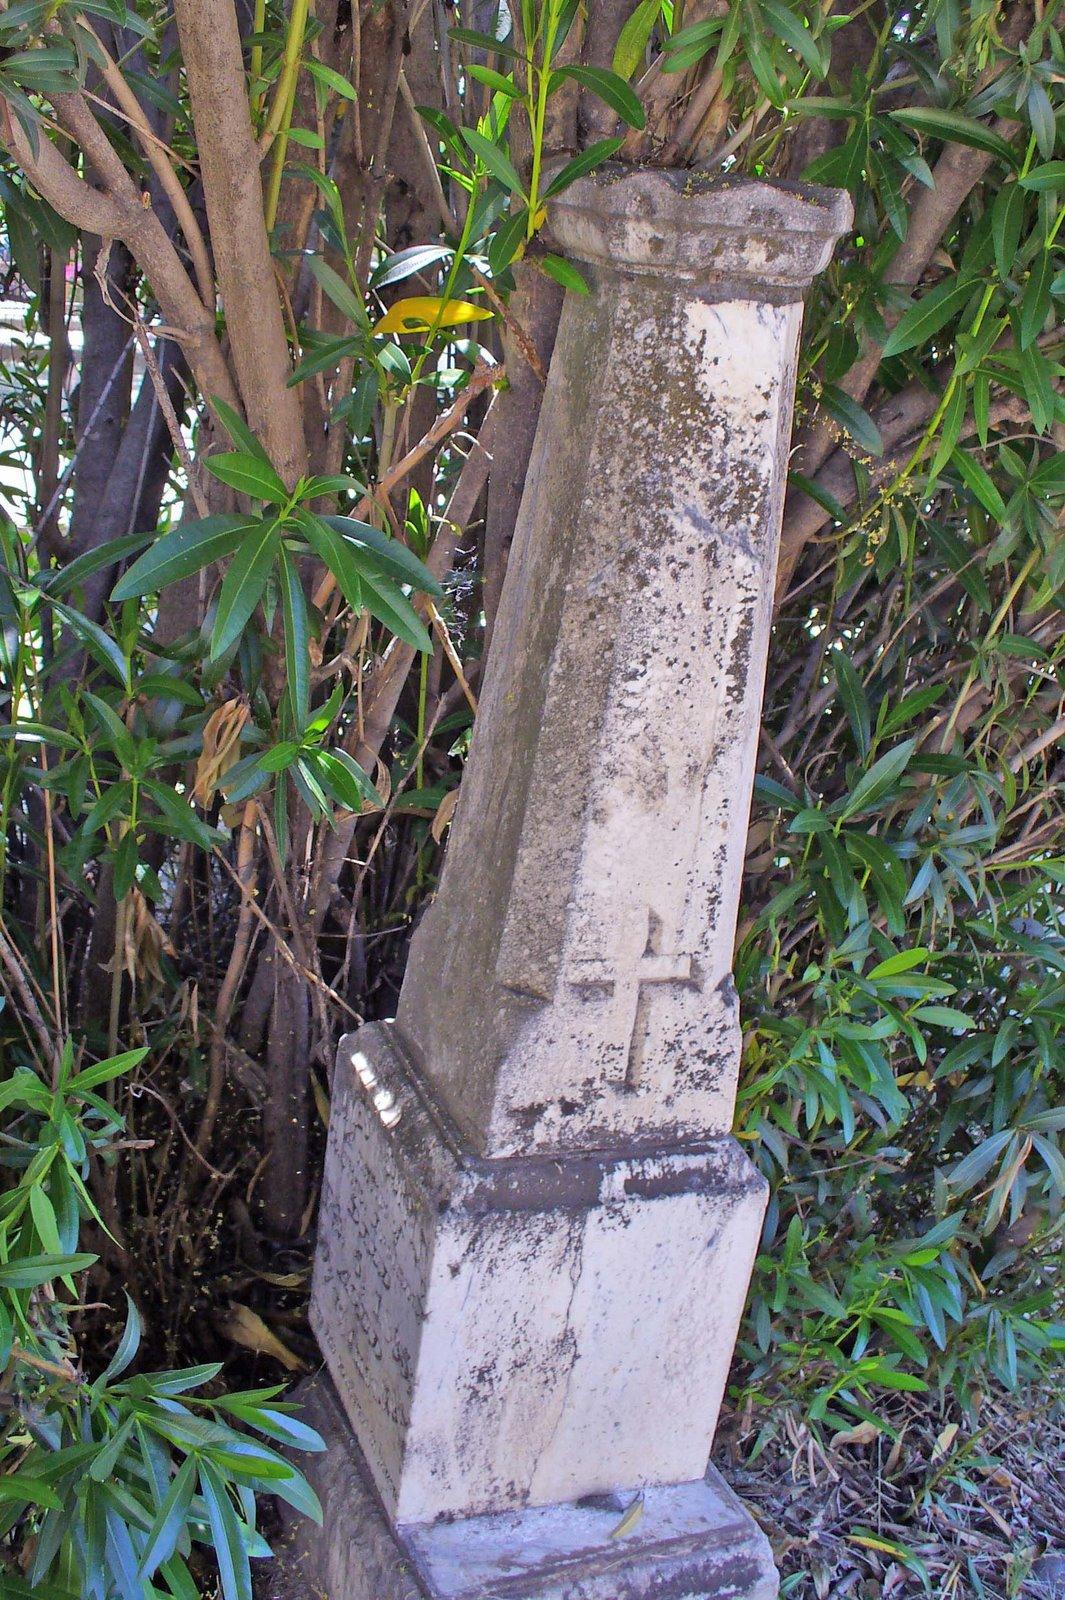 [P1020391.jpg+oleander+stone]